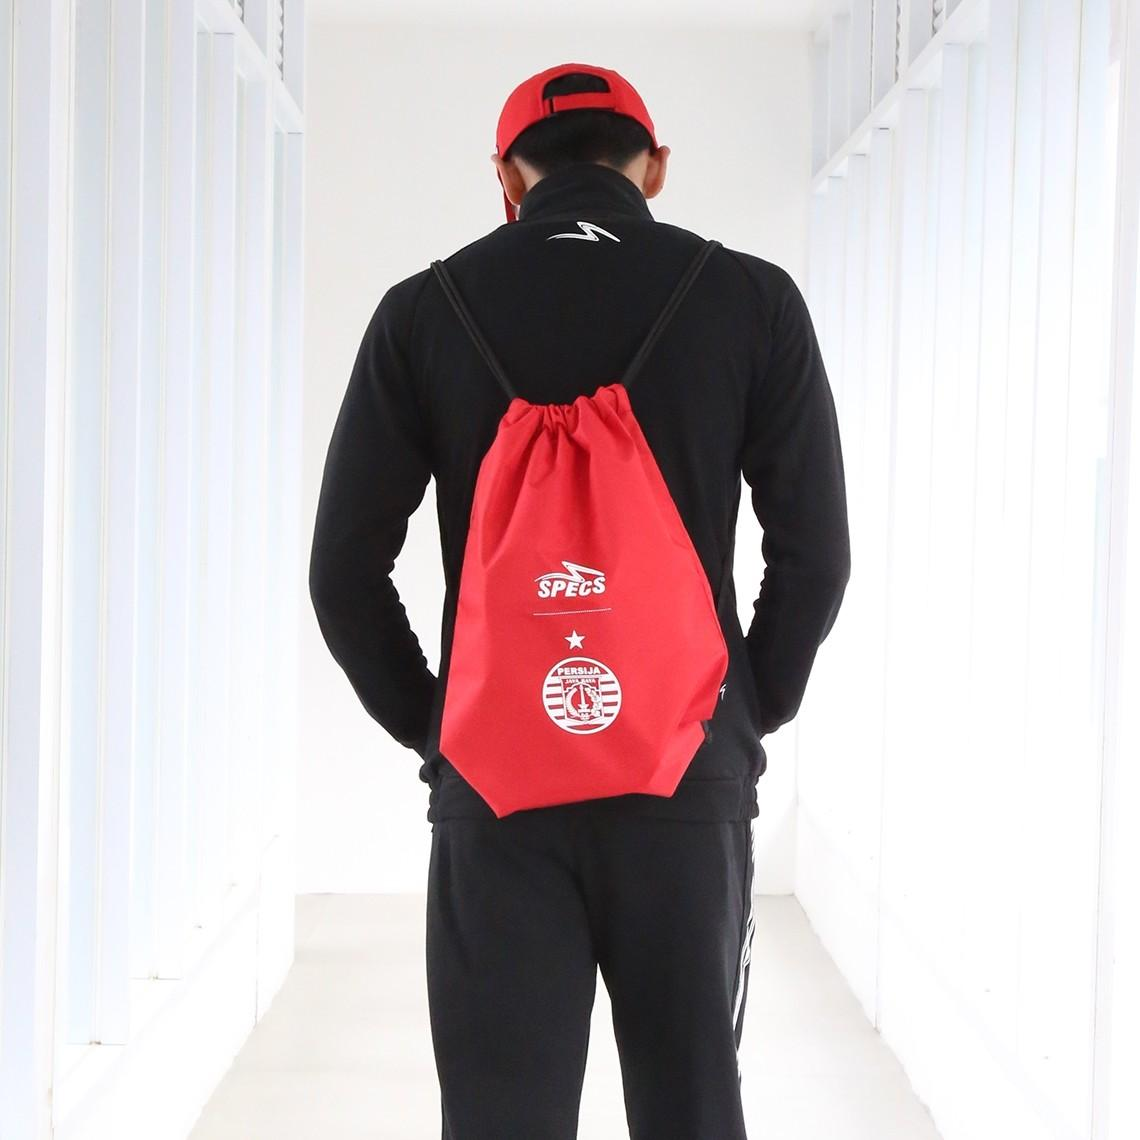 Specs Apparel Tas 903846persija 2018 String Bag Red - Red By Elanno Sport N Casual.